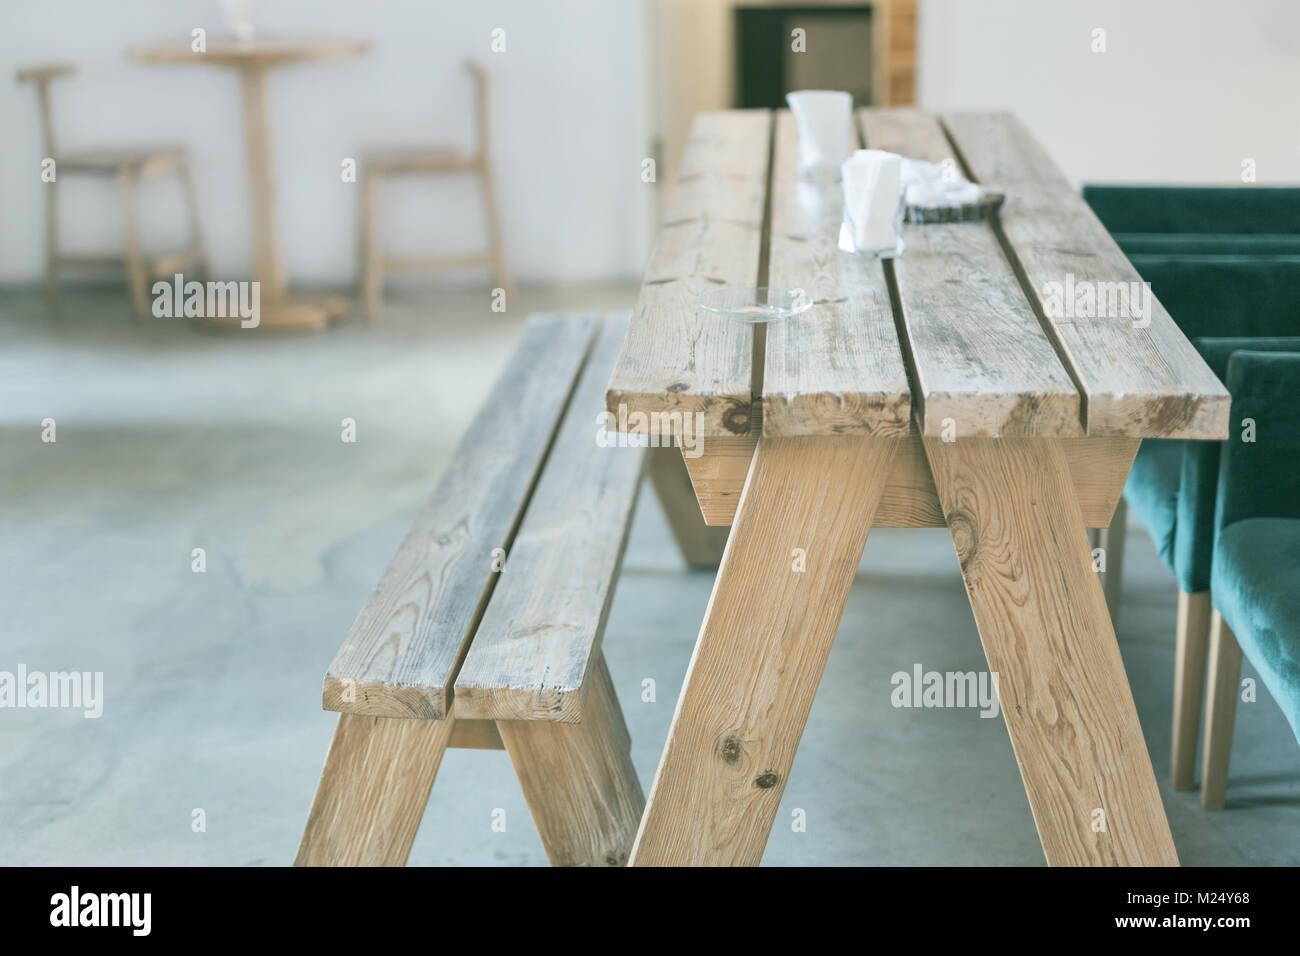 Panca In Legno E Tavolo Indoor Rustico Rurale Interno Svuotare